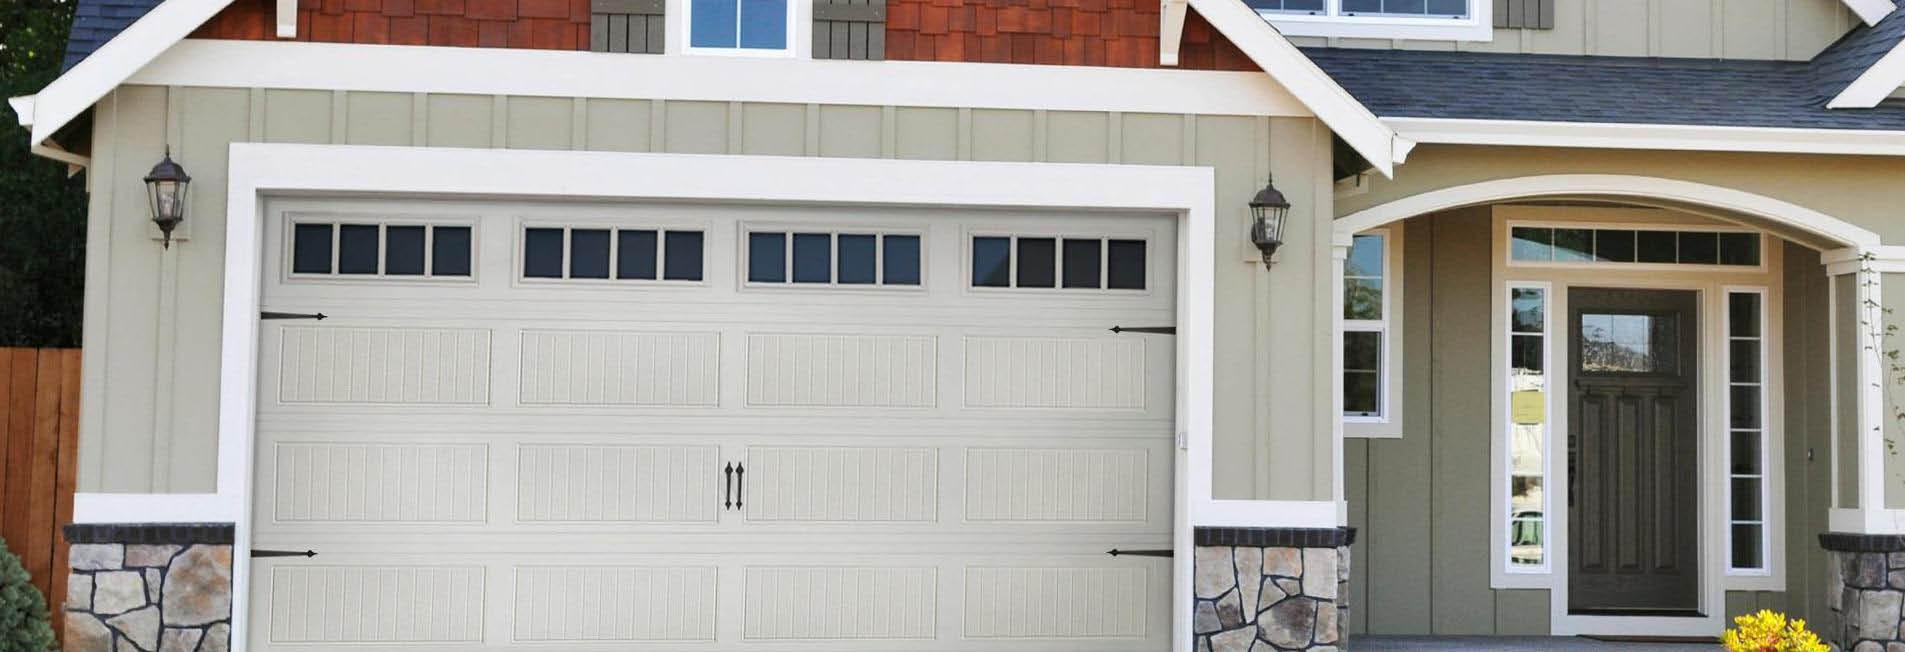 Liftmaster Garage Door Installation in Phoenix, AZ